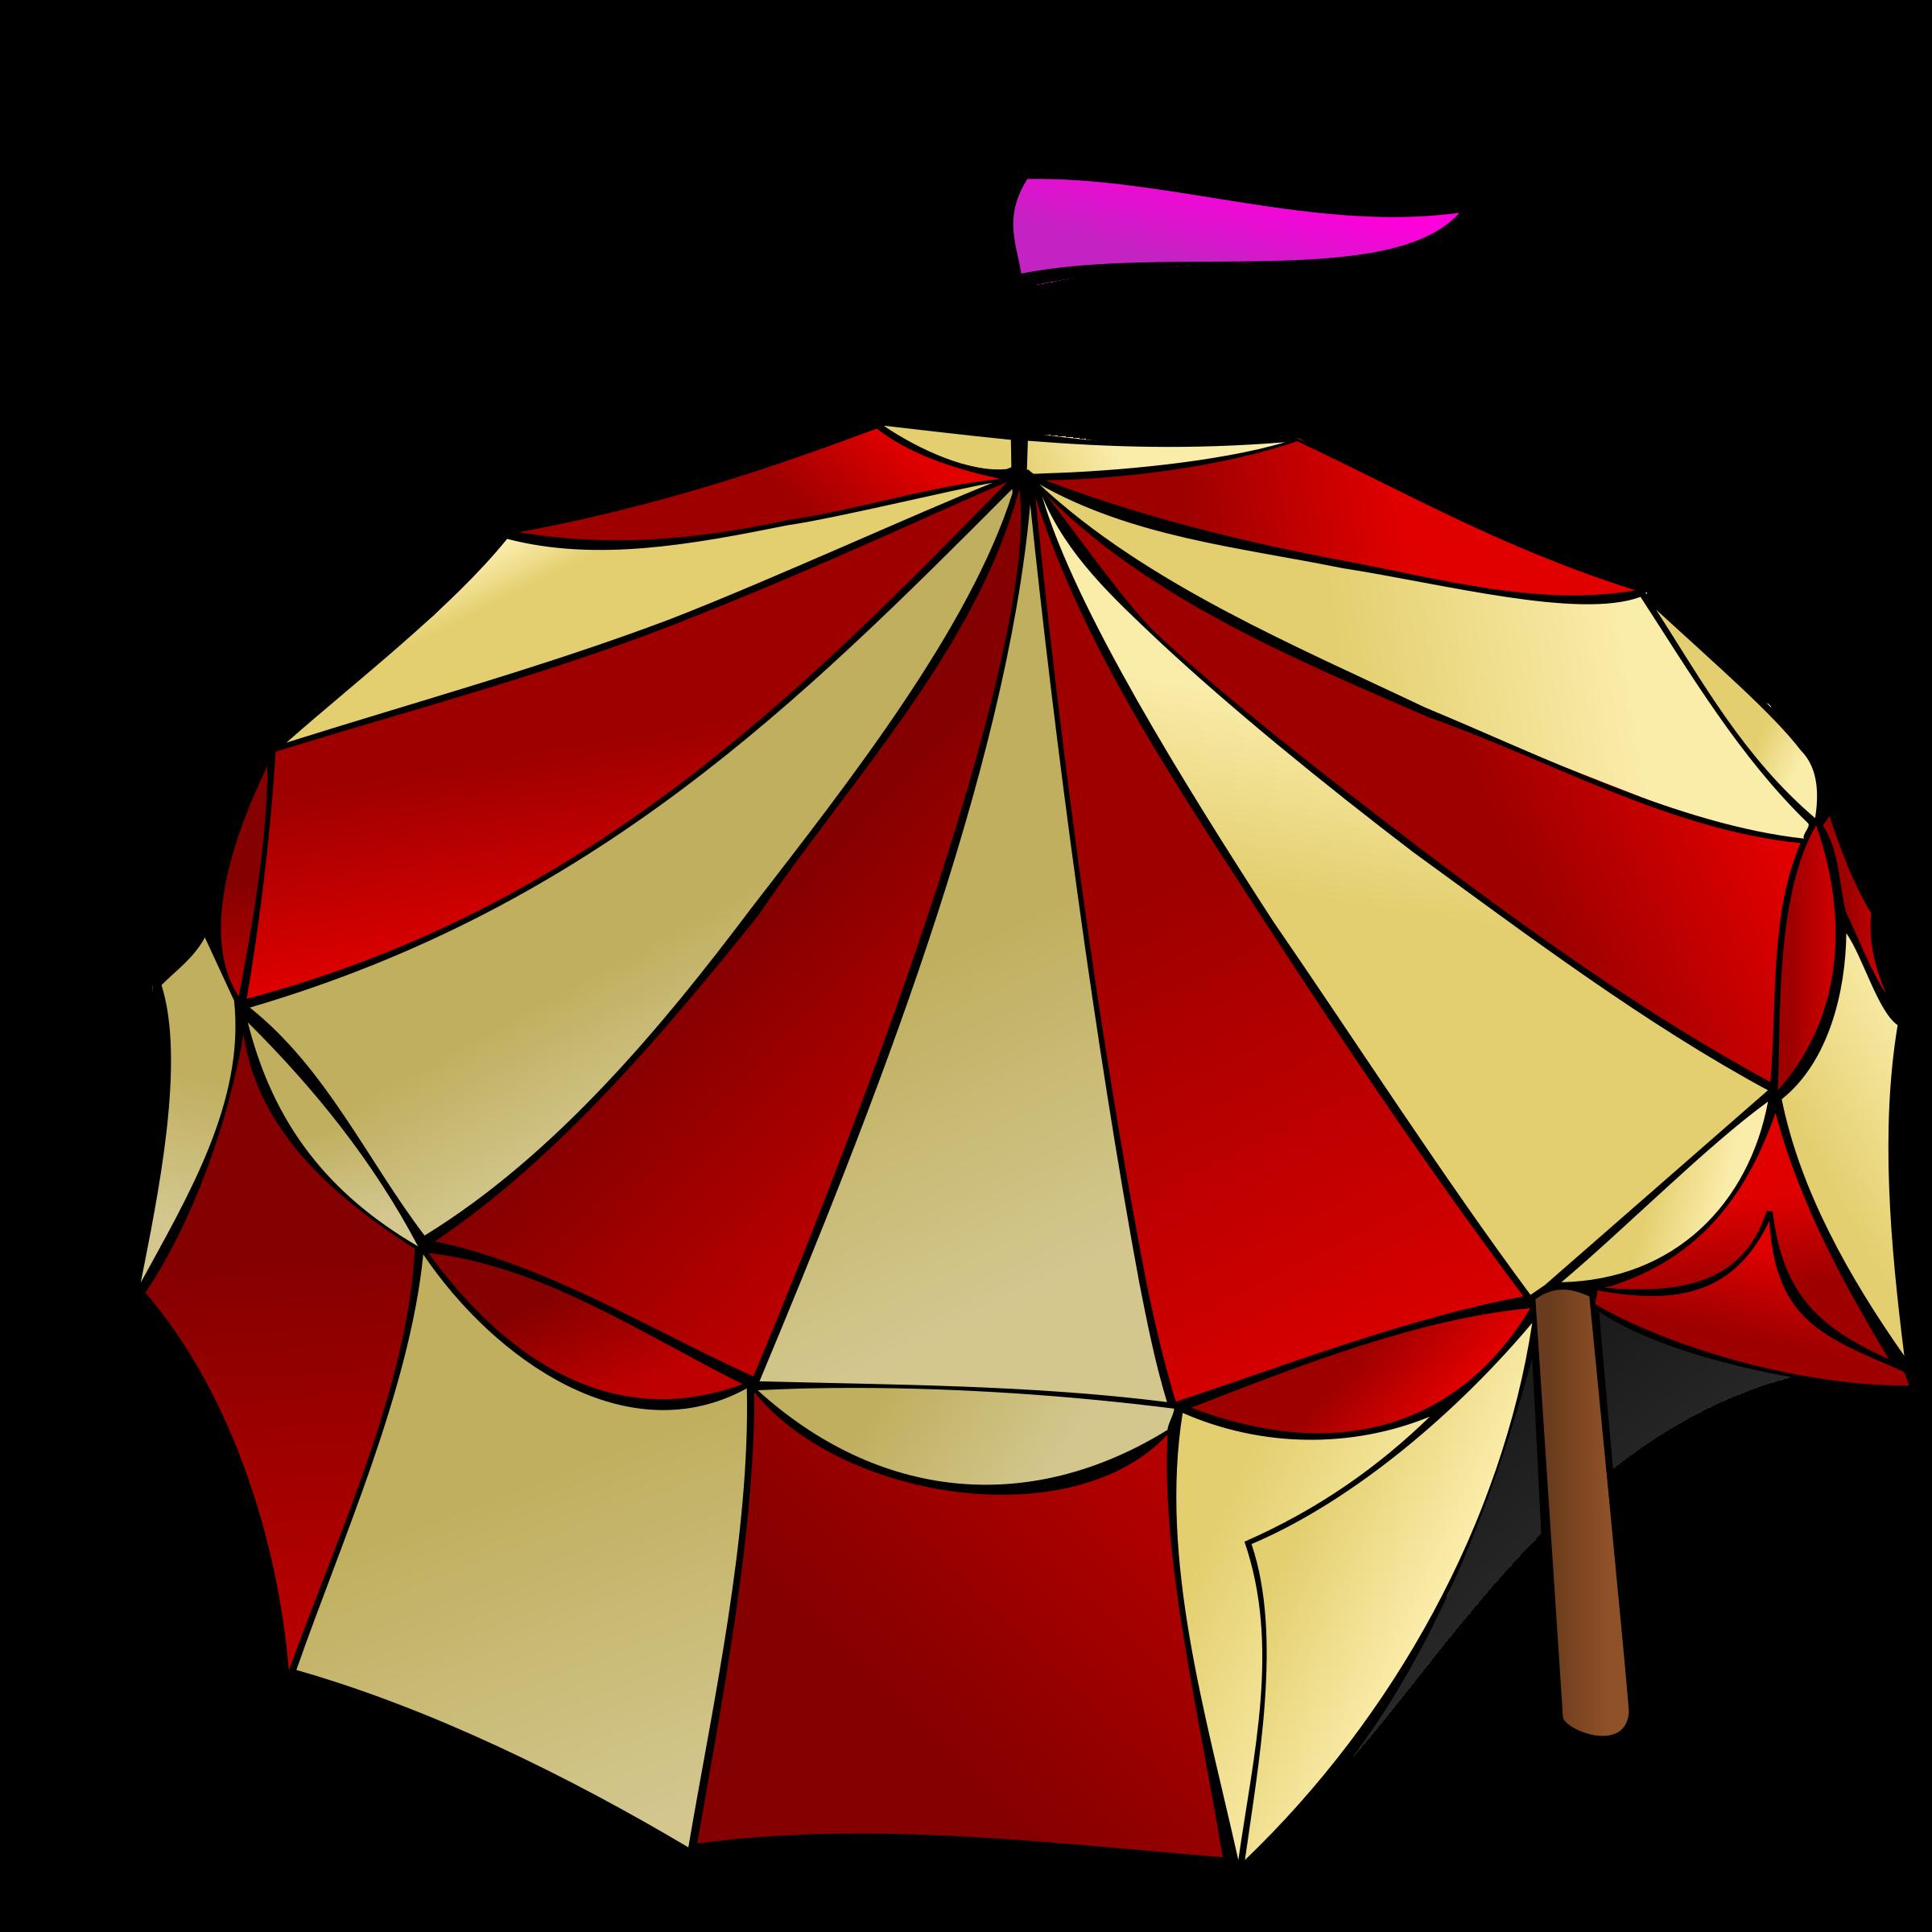 Circus clipart party tent. Rpg map symbols big